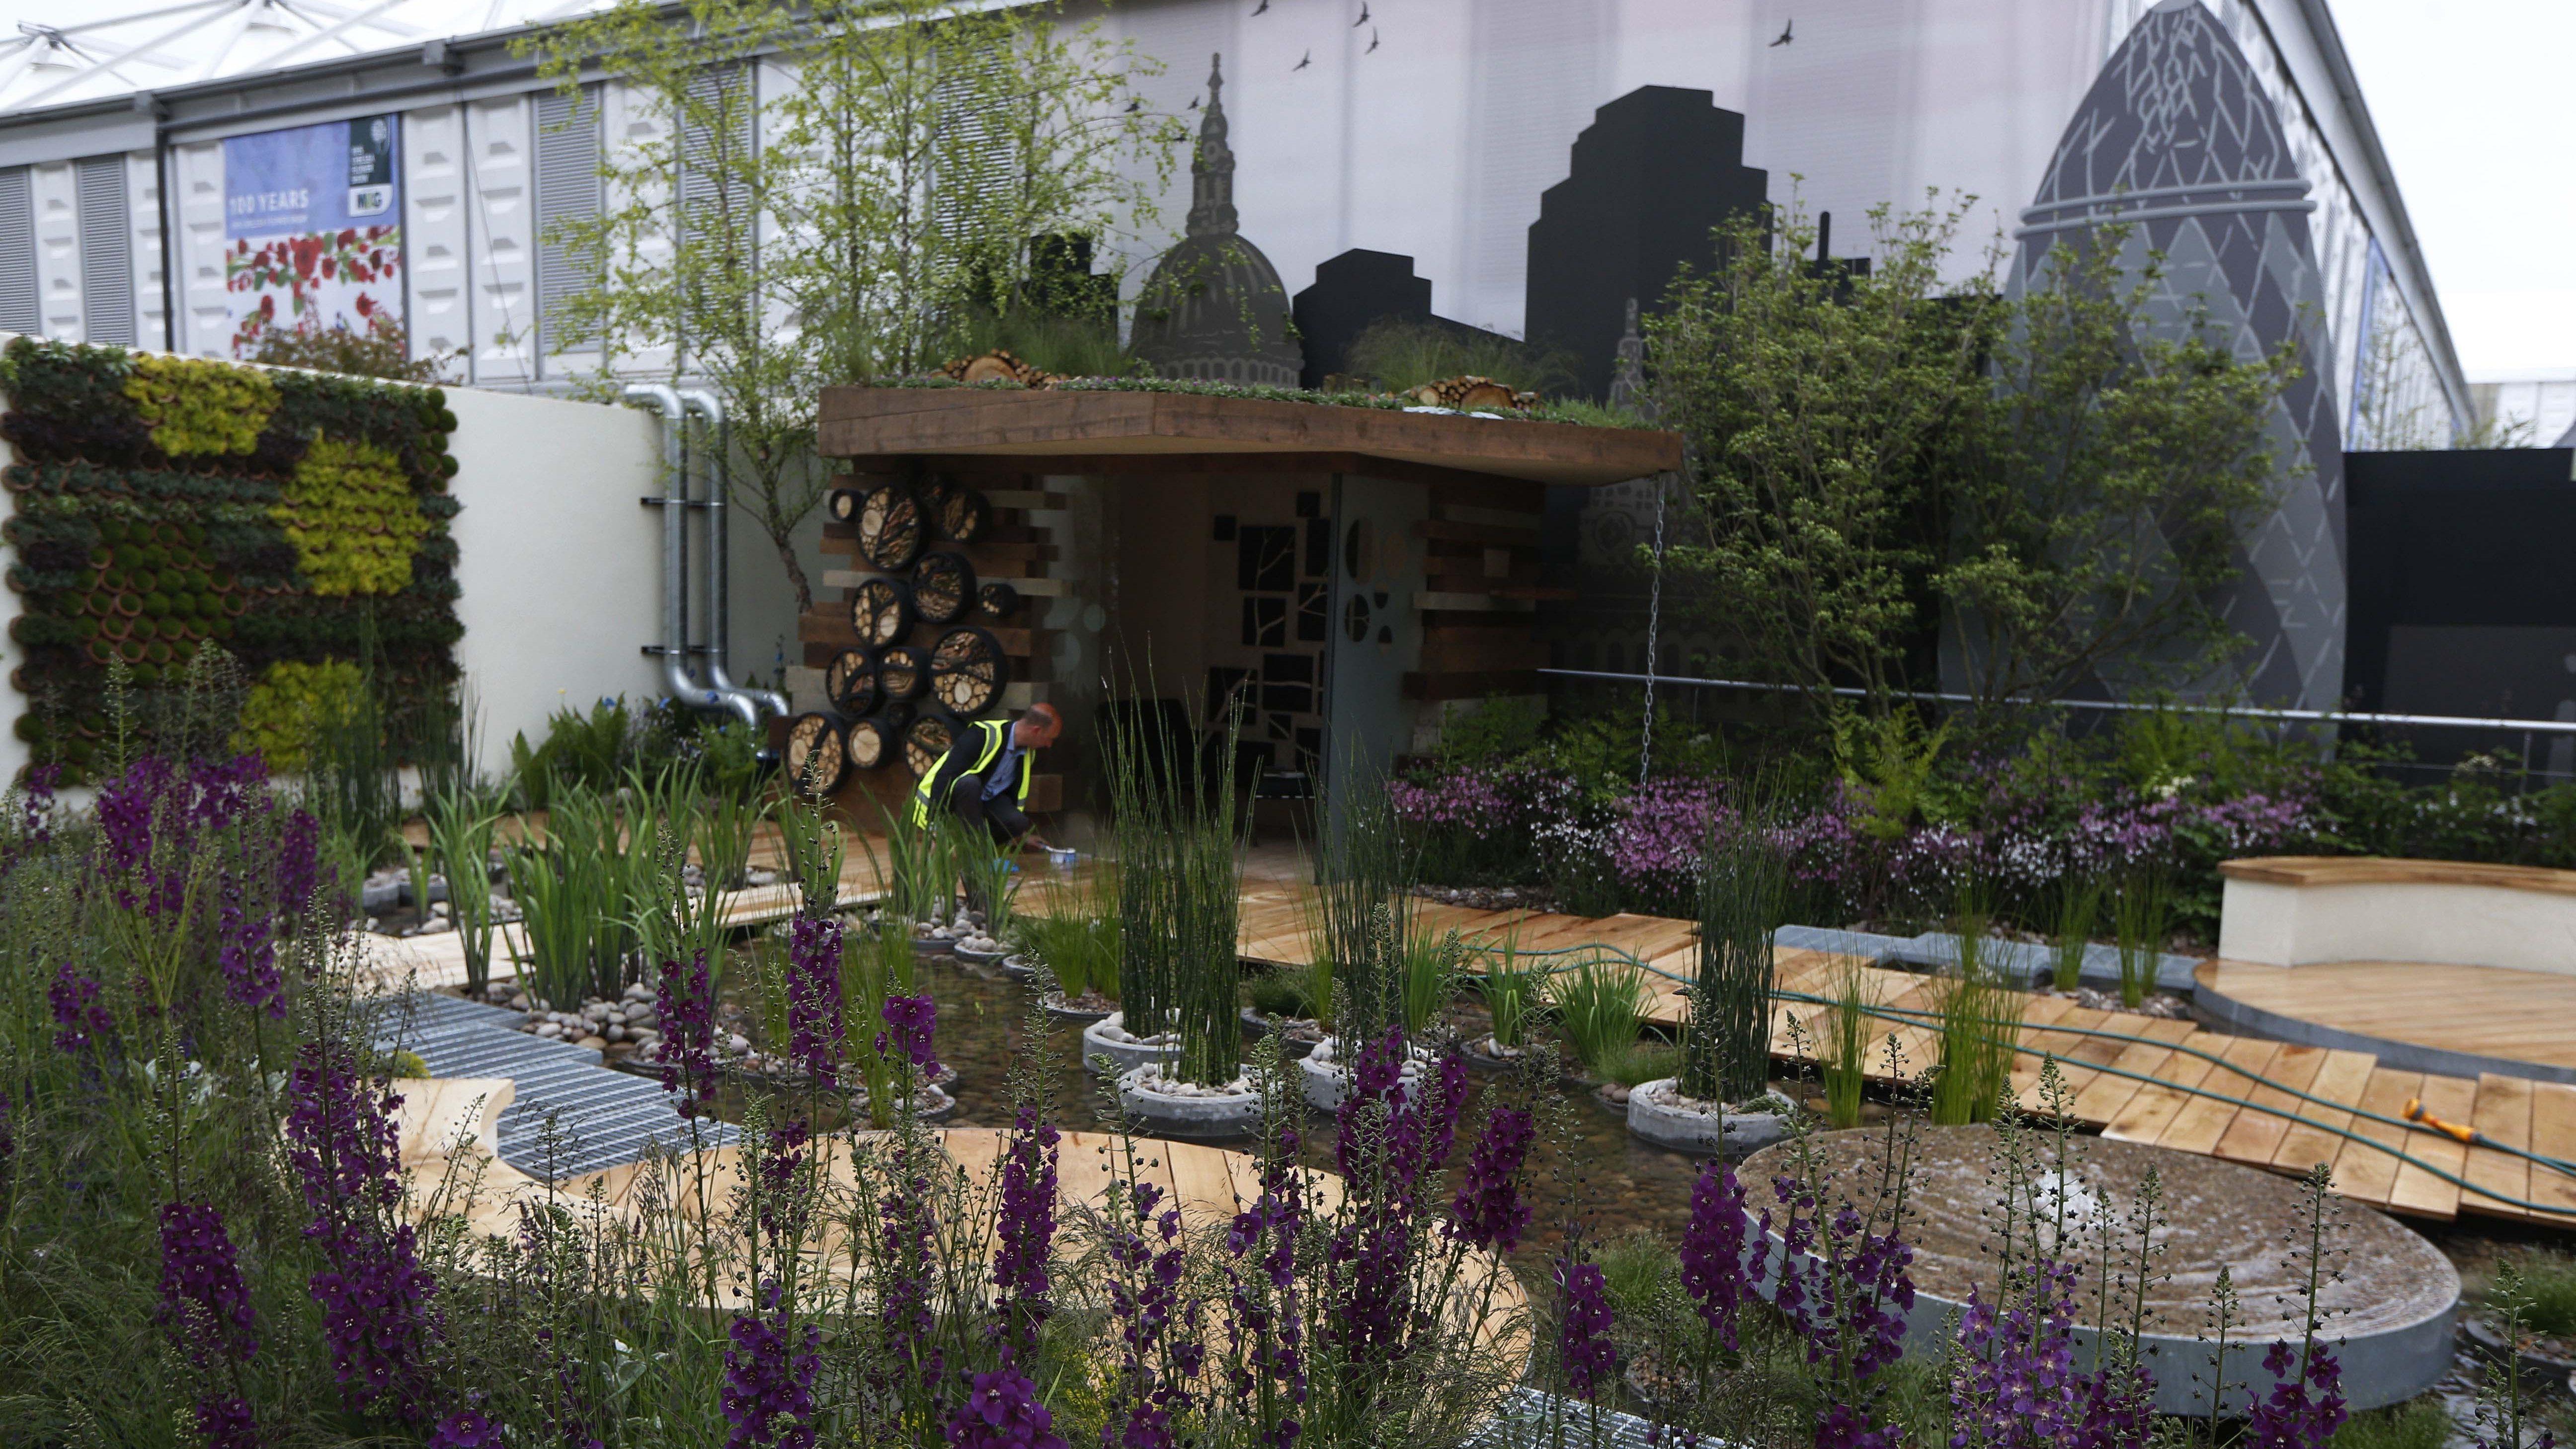 Roof water garden